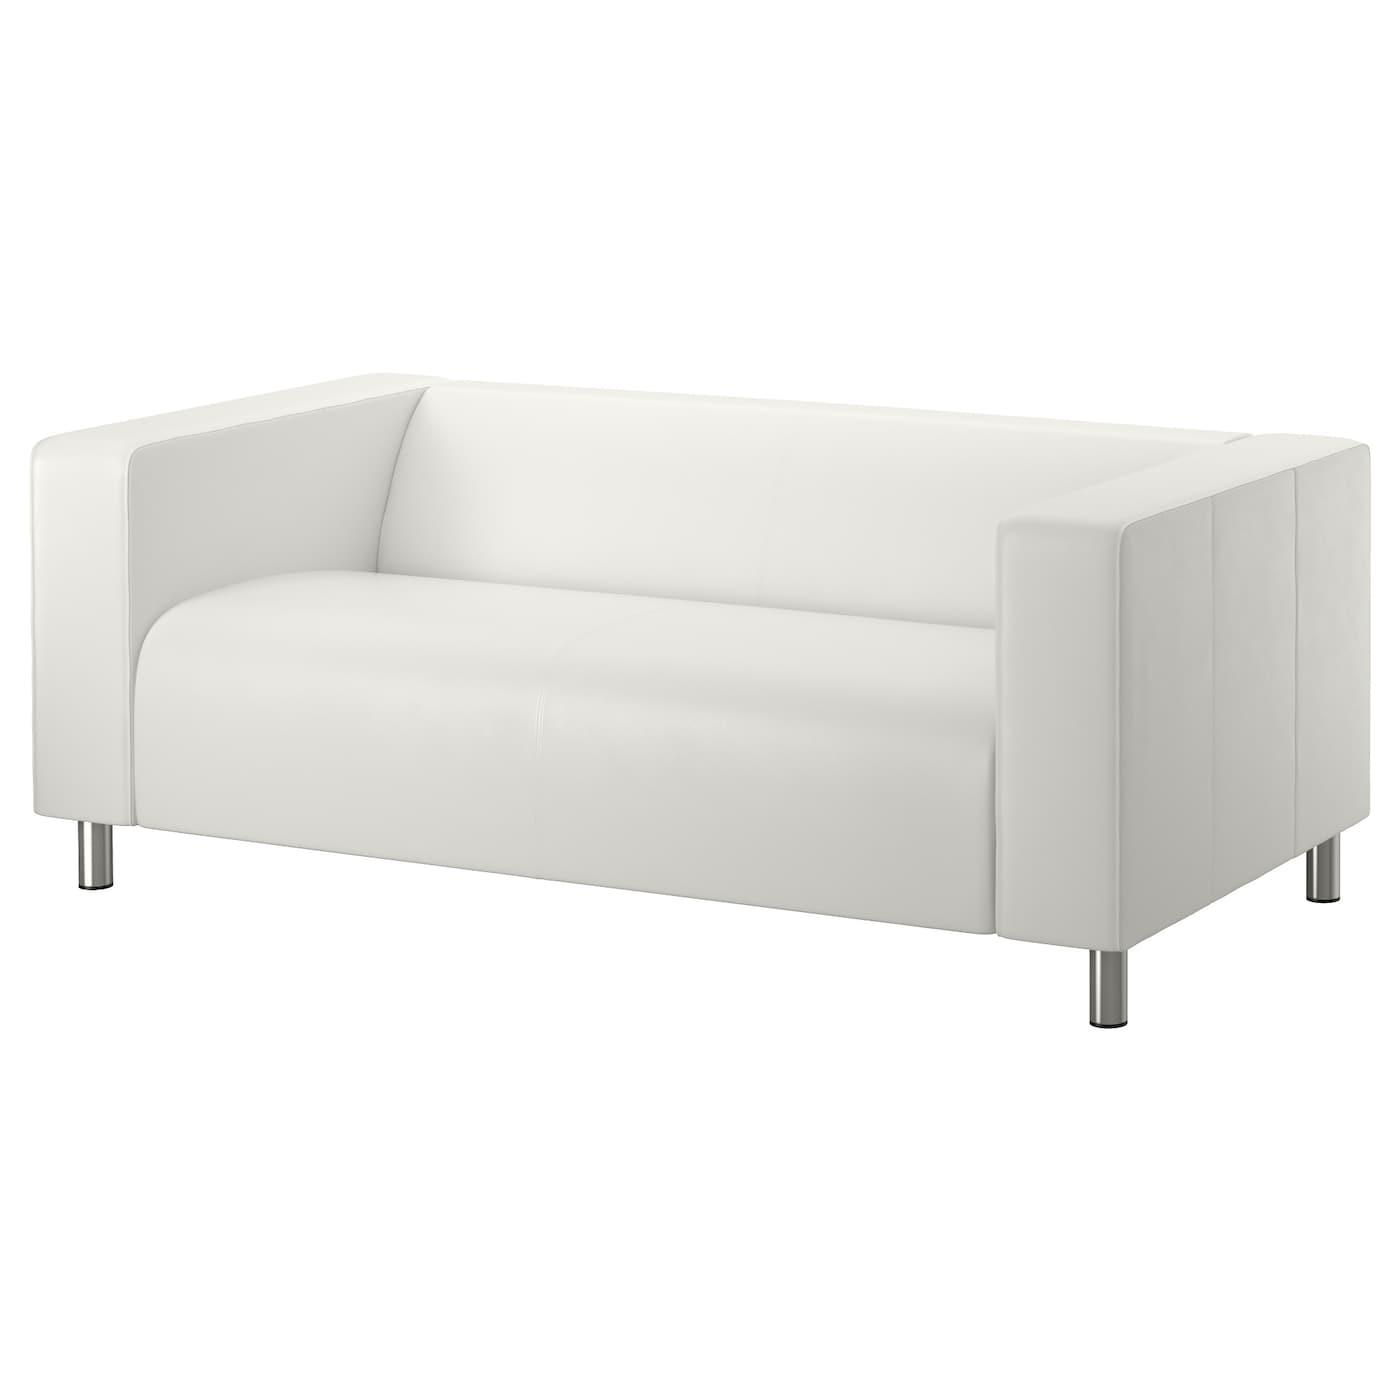 KLIPPAN Two seat sofa Kimstad white IKEA